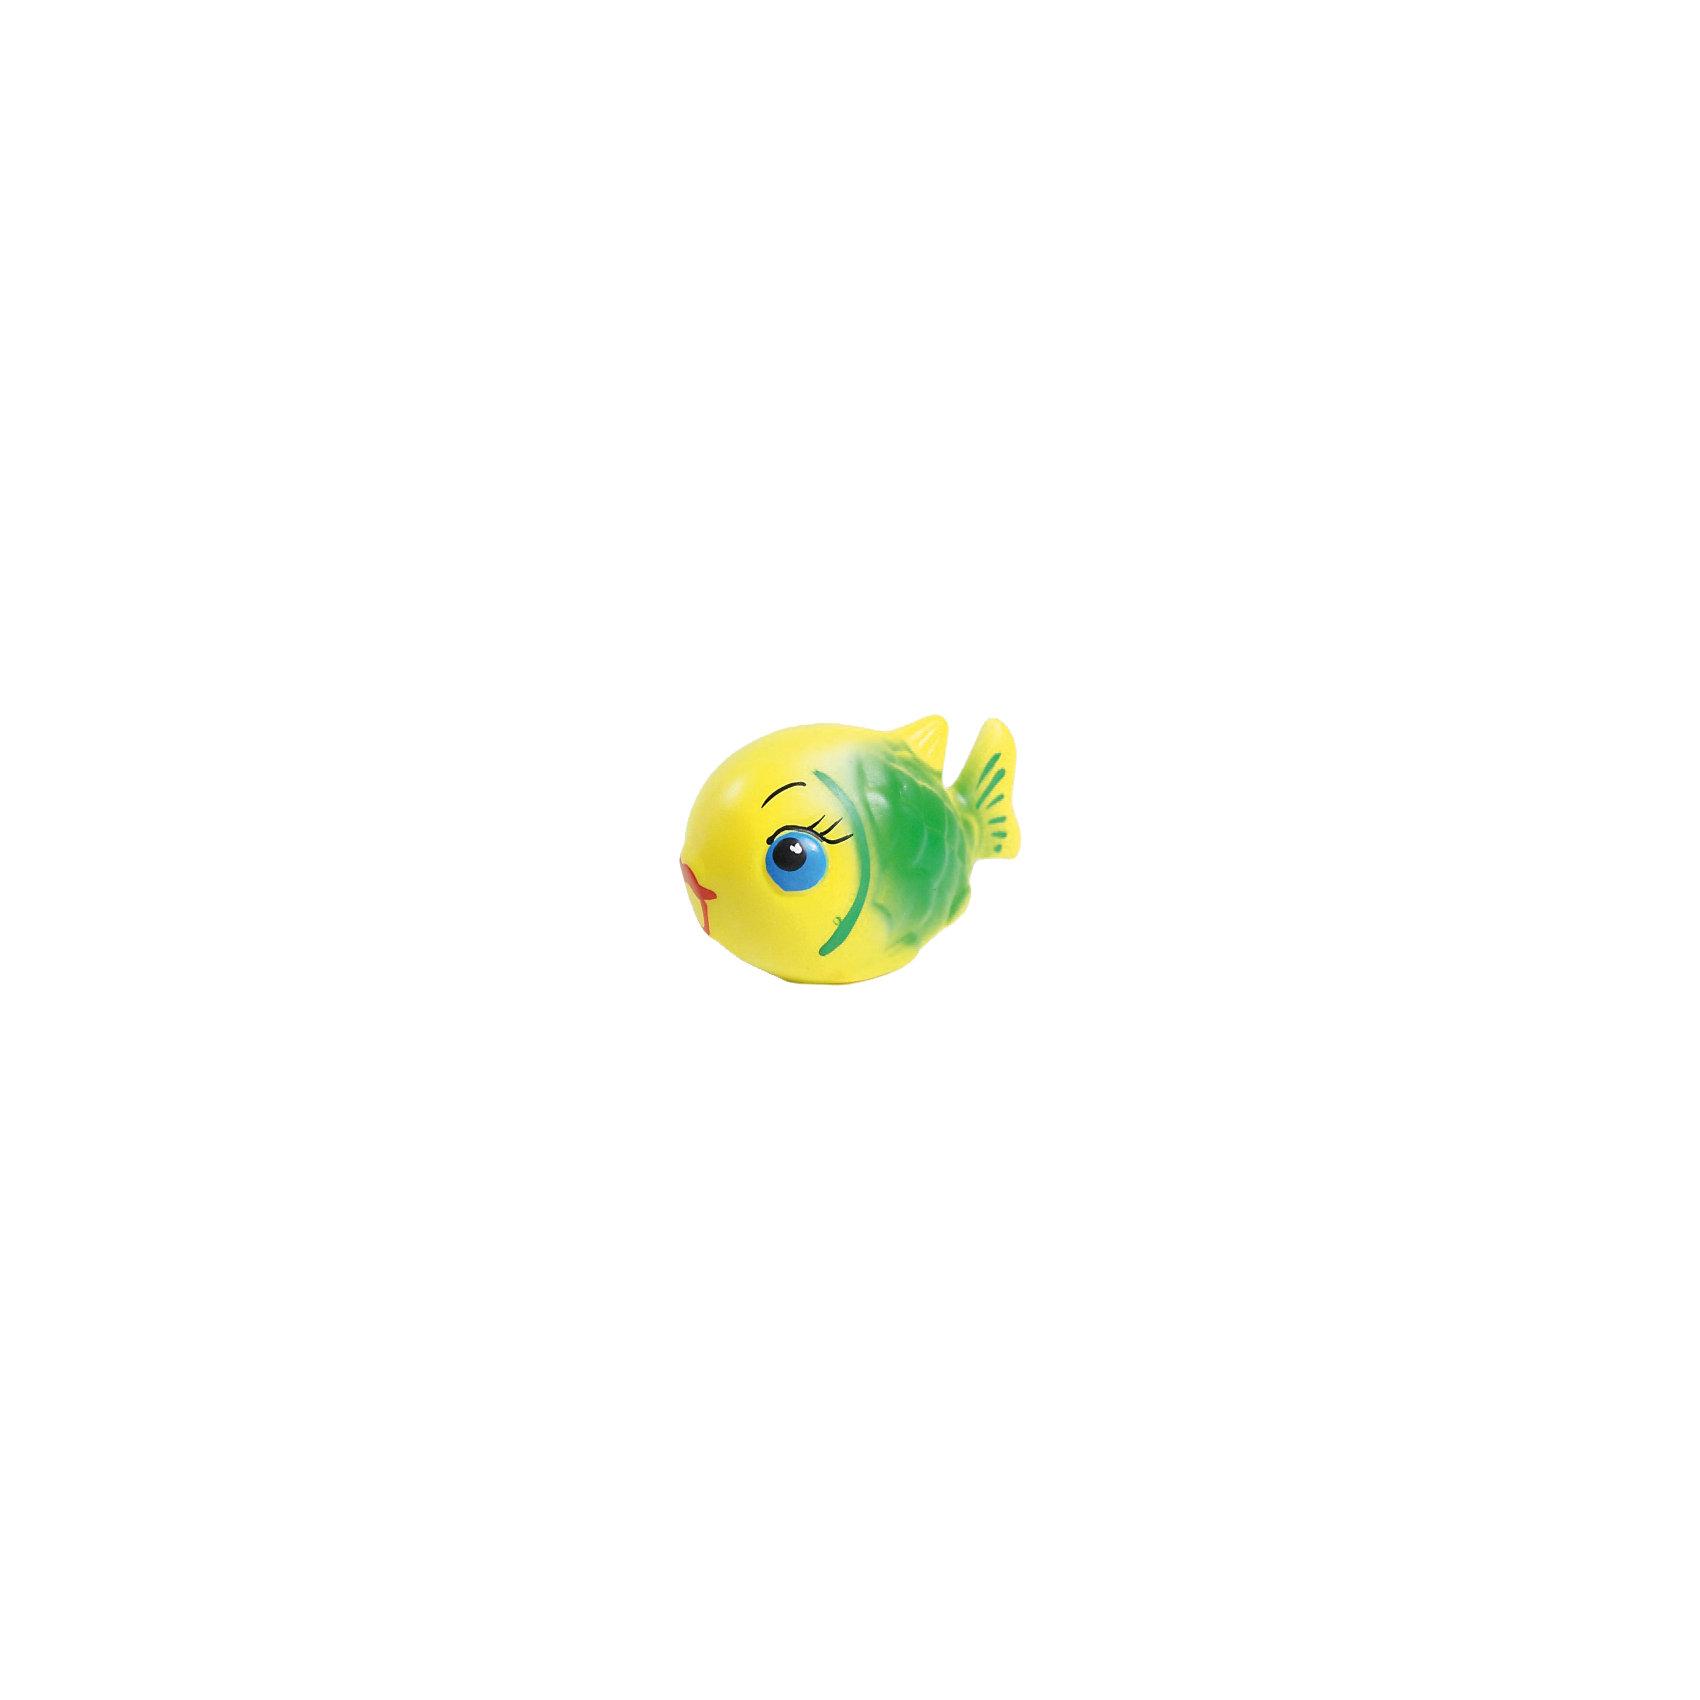 Рыбка Клоун, КудесникиИгрушки ПВХ<br>Рыбка Клоун, Кудесники<br><br>Характеристики:<br><br>• Материал: ПВХ.<br>• Размер: 5х6х9 см.<br><br>Отличная игрушка из мягкого ПВХ надолго займет внимание вашего малыша. Эта игрушка поможет малышу при прорезывании зубов, поможет развивать моторику рук, знакомить с формой, цветом, образами также с ней можно забавно поиграть в ванной. Яркий образ забавной рыбки поможет ребенку придумывать различные сюжетно-ролевые игры.<br><br>Рыбку Клоун, Кудесники, можно купить в нашем интернет – магазине.<br><br>Ширина мм: 80<br>Глубина мм: 60<br>Высота мм: 55<br>Вес г: 40<br>Возраст от месяцев: 12<br>Возраст до месяцев: 36<br>Пол: Унисекс<br>Возраст: Детский<br>SKU: 4896451